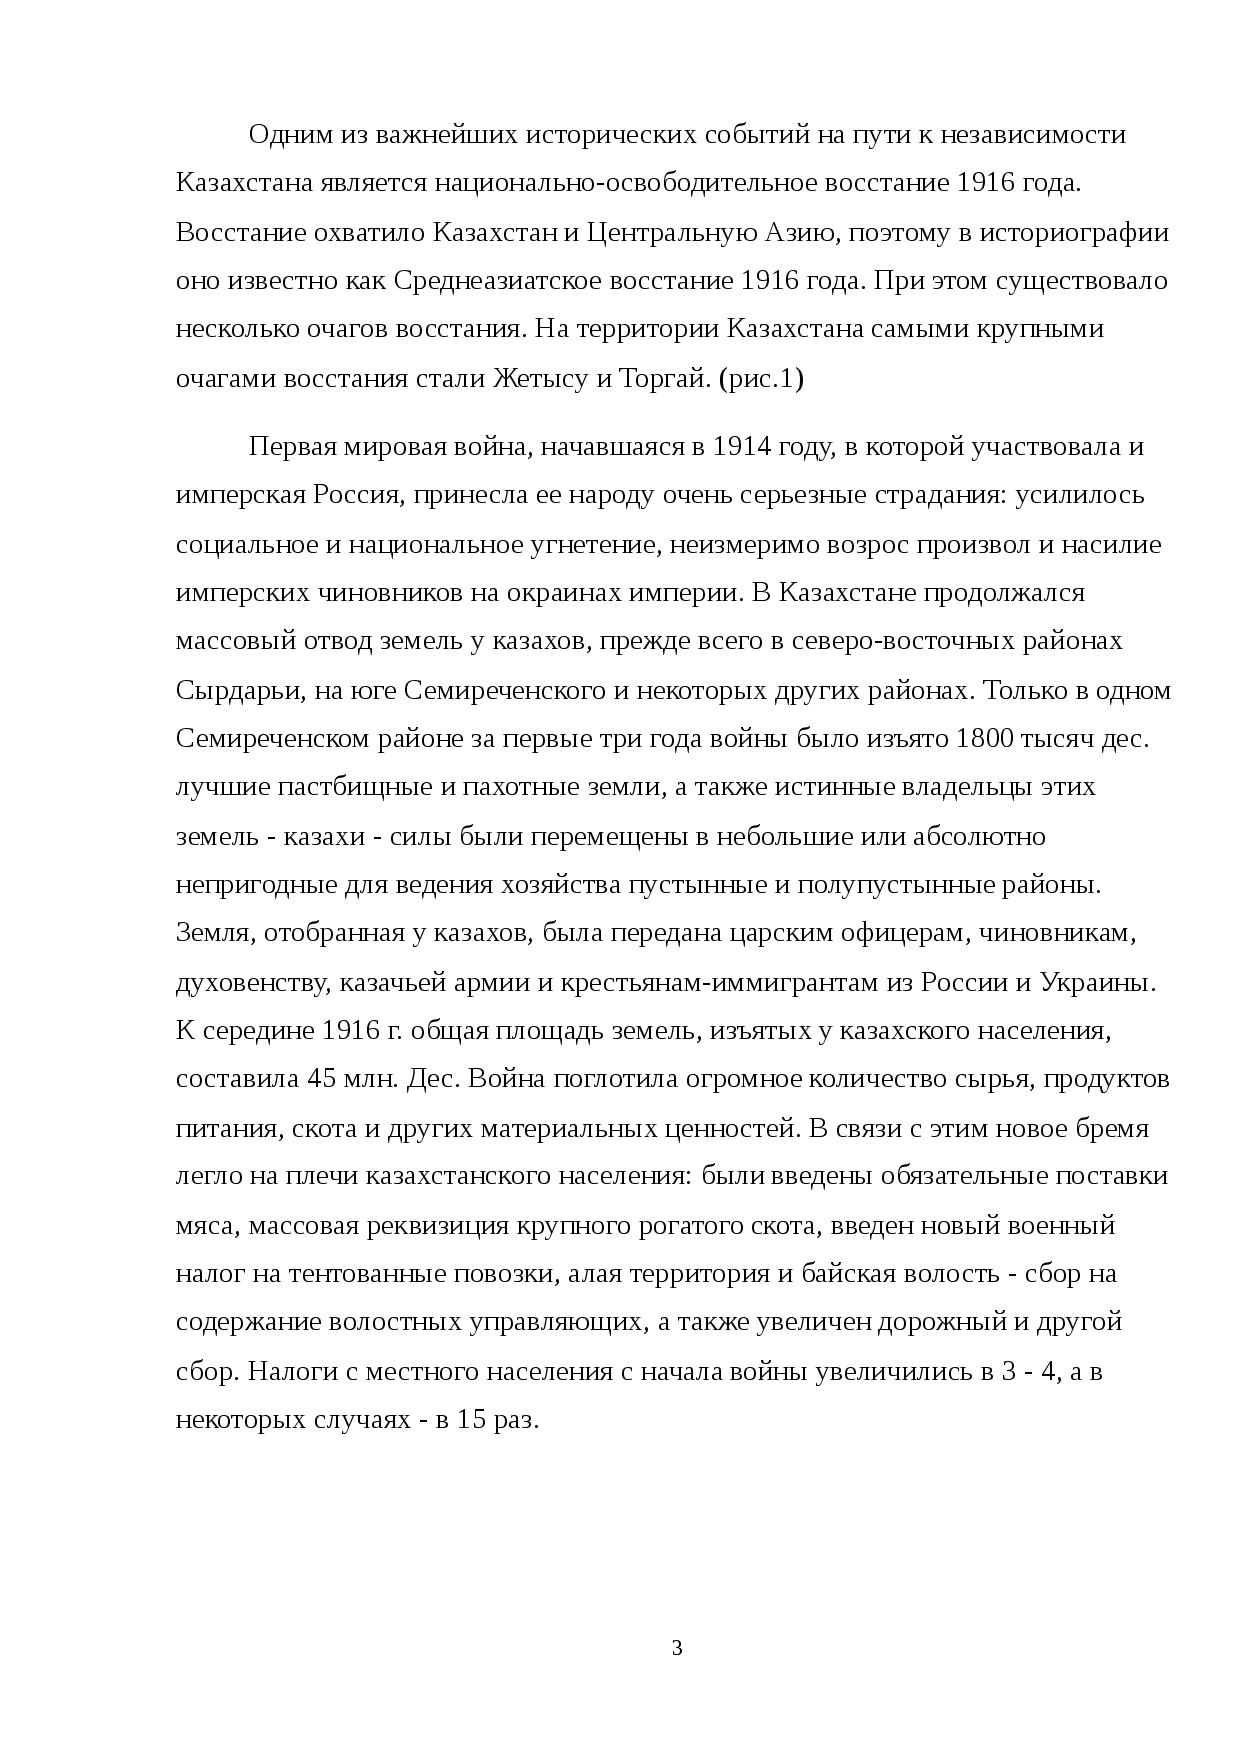 тургайское восстание 1916